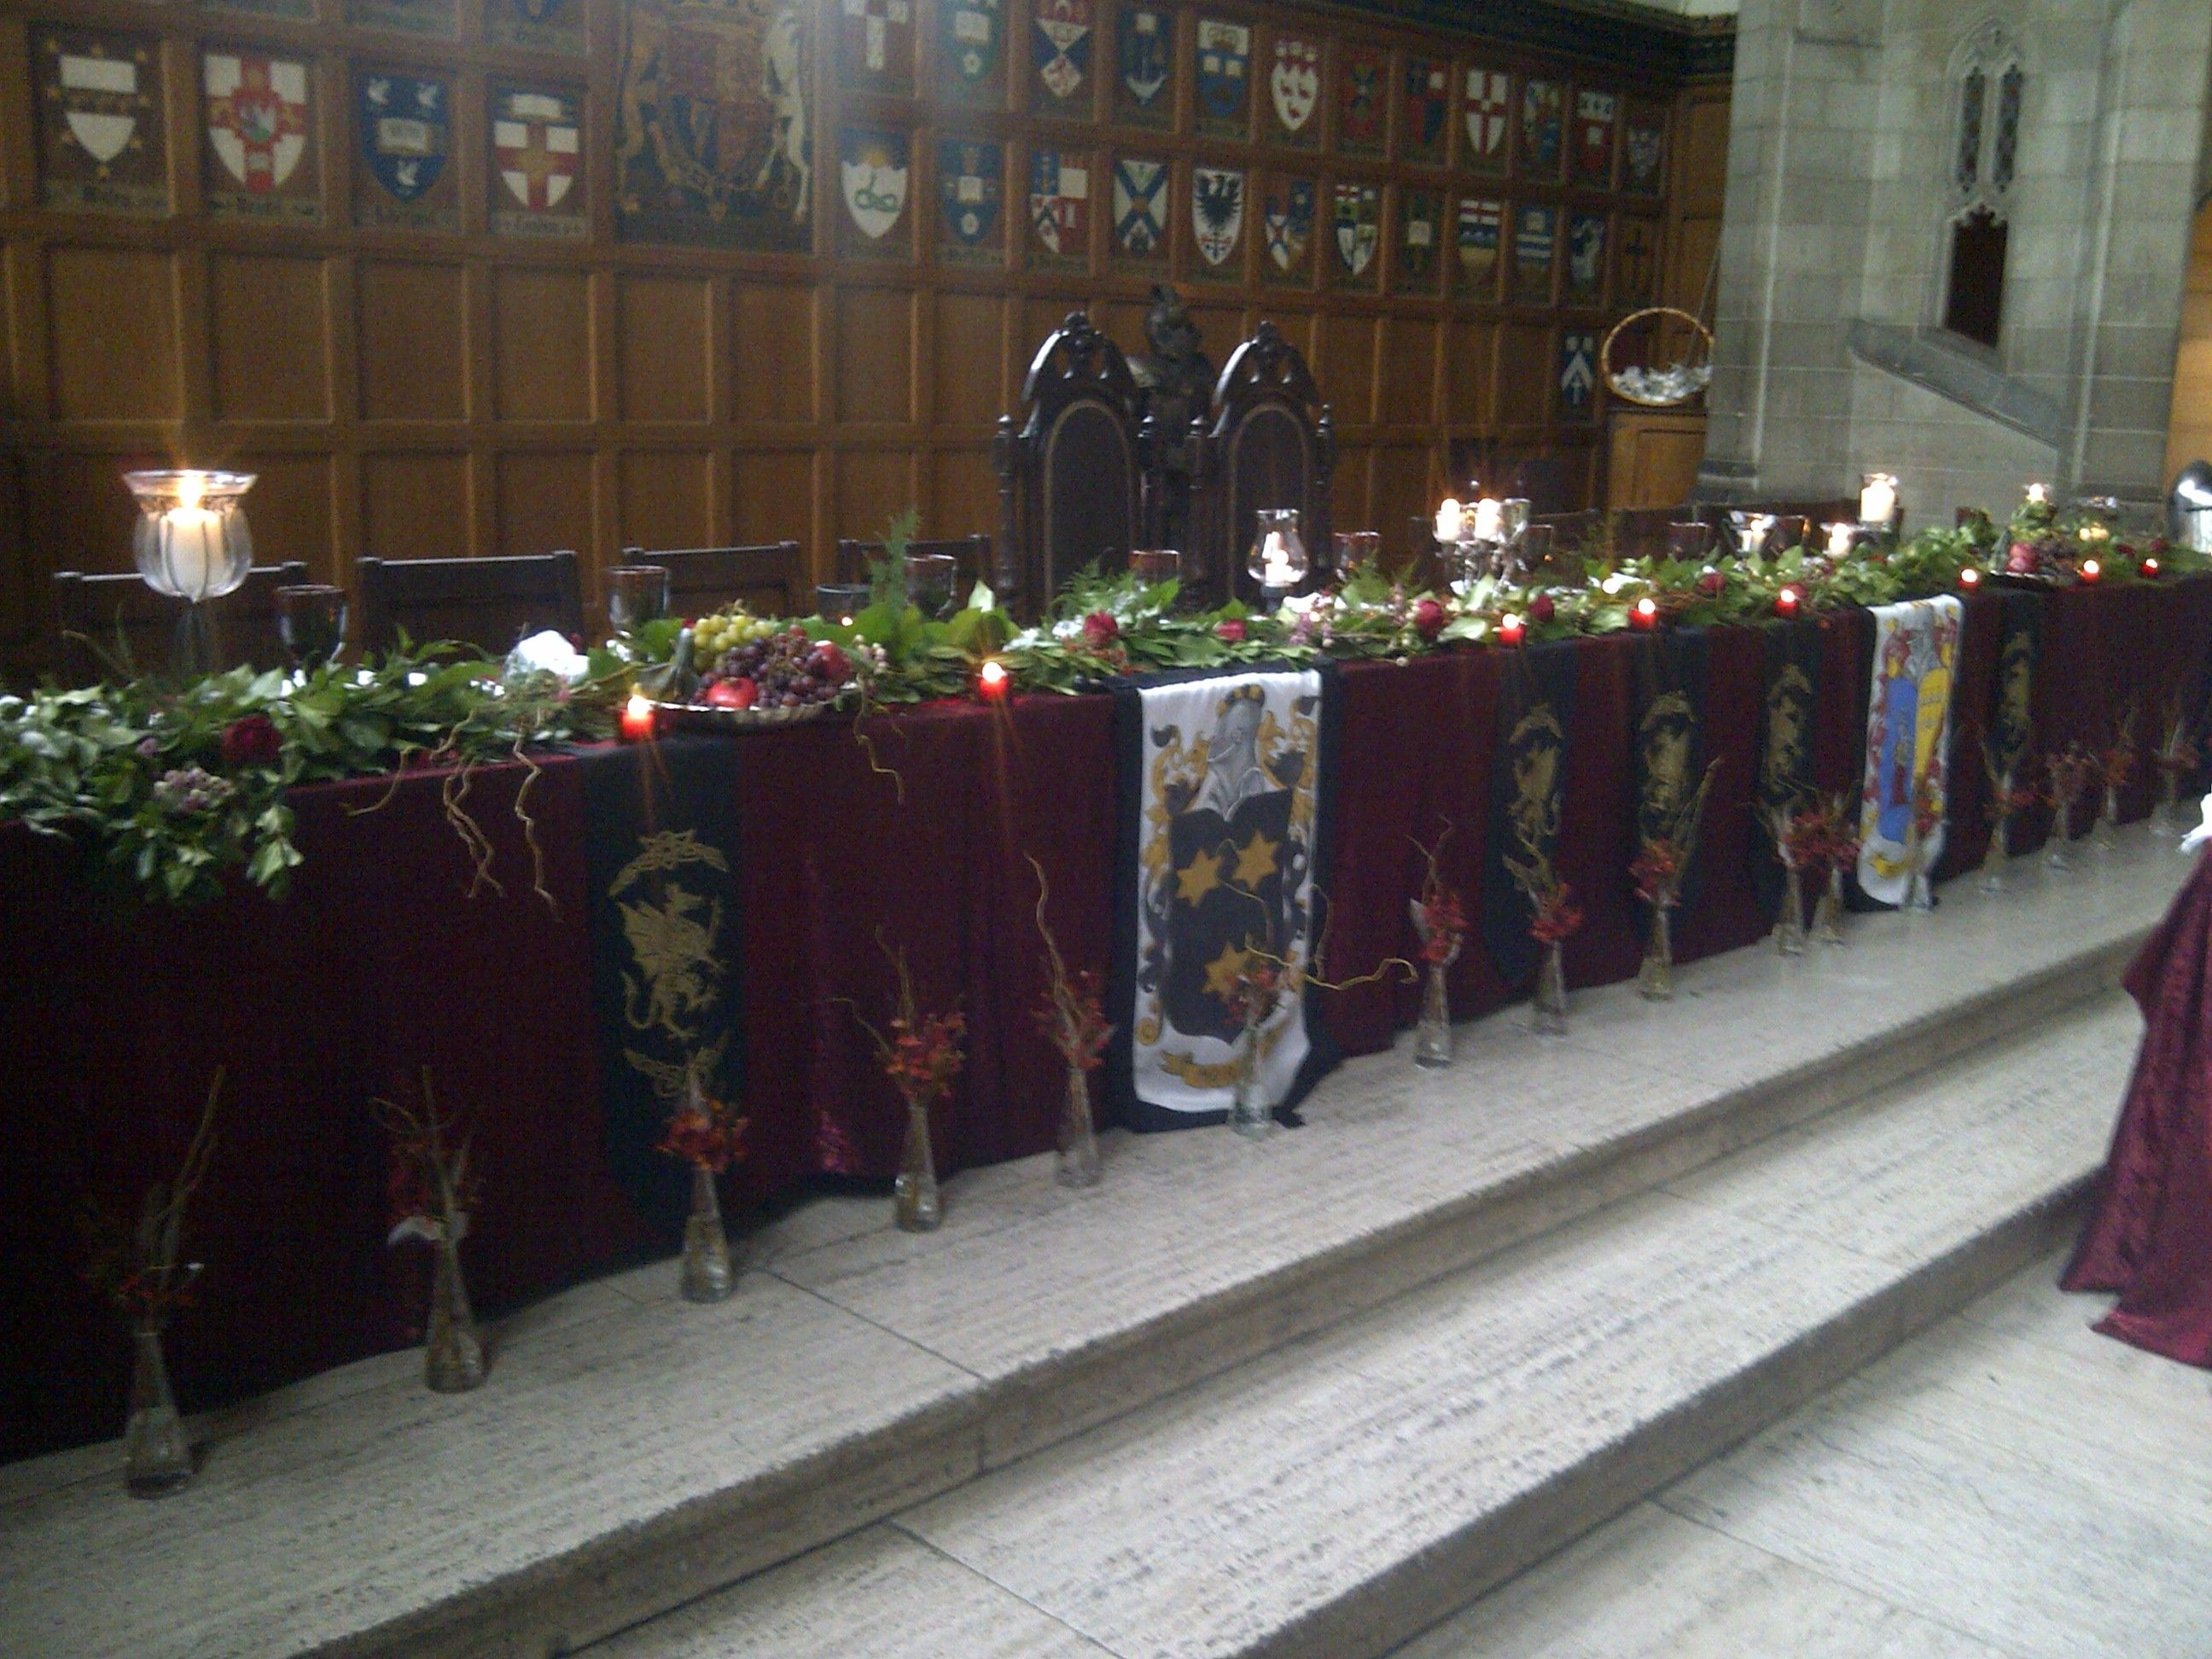 a royal medieval wedding | medieval wedding, wedding themes